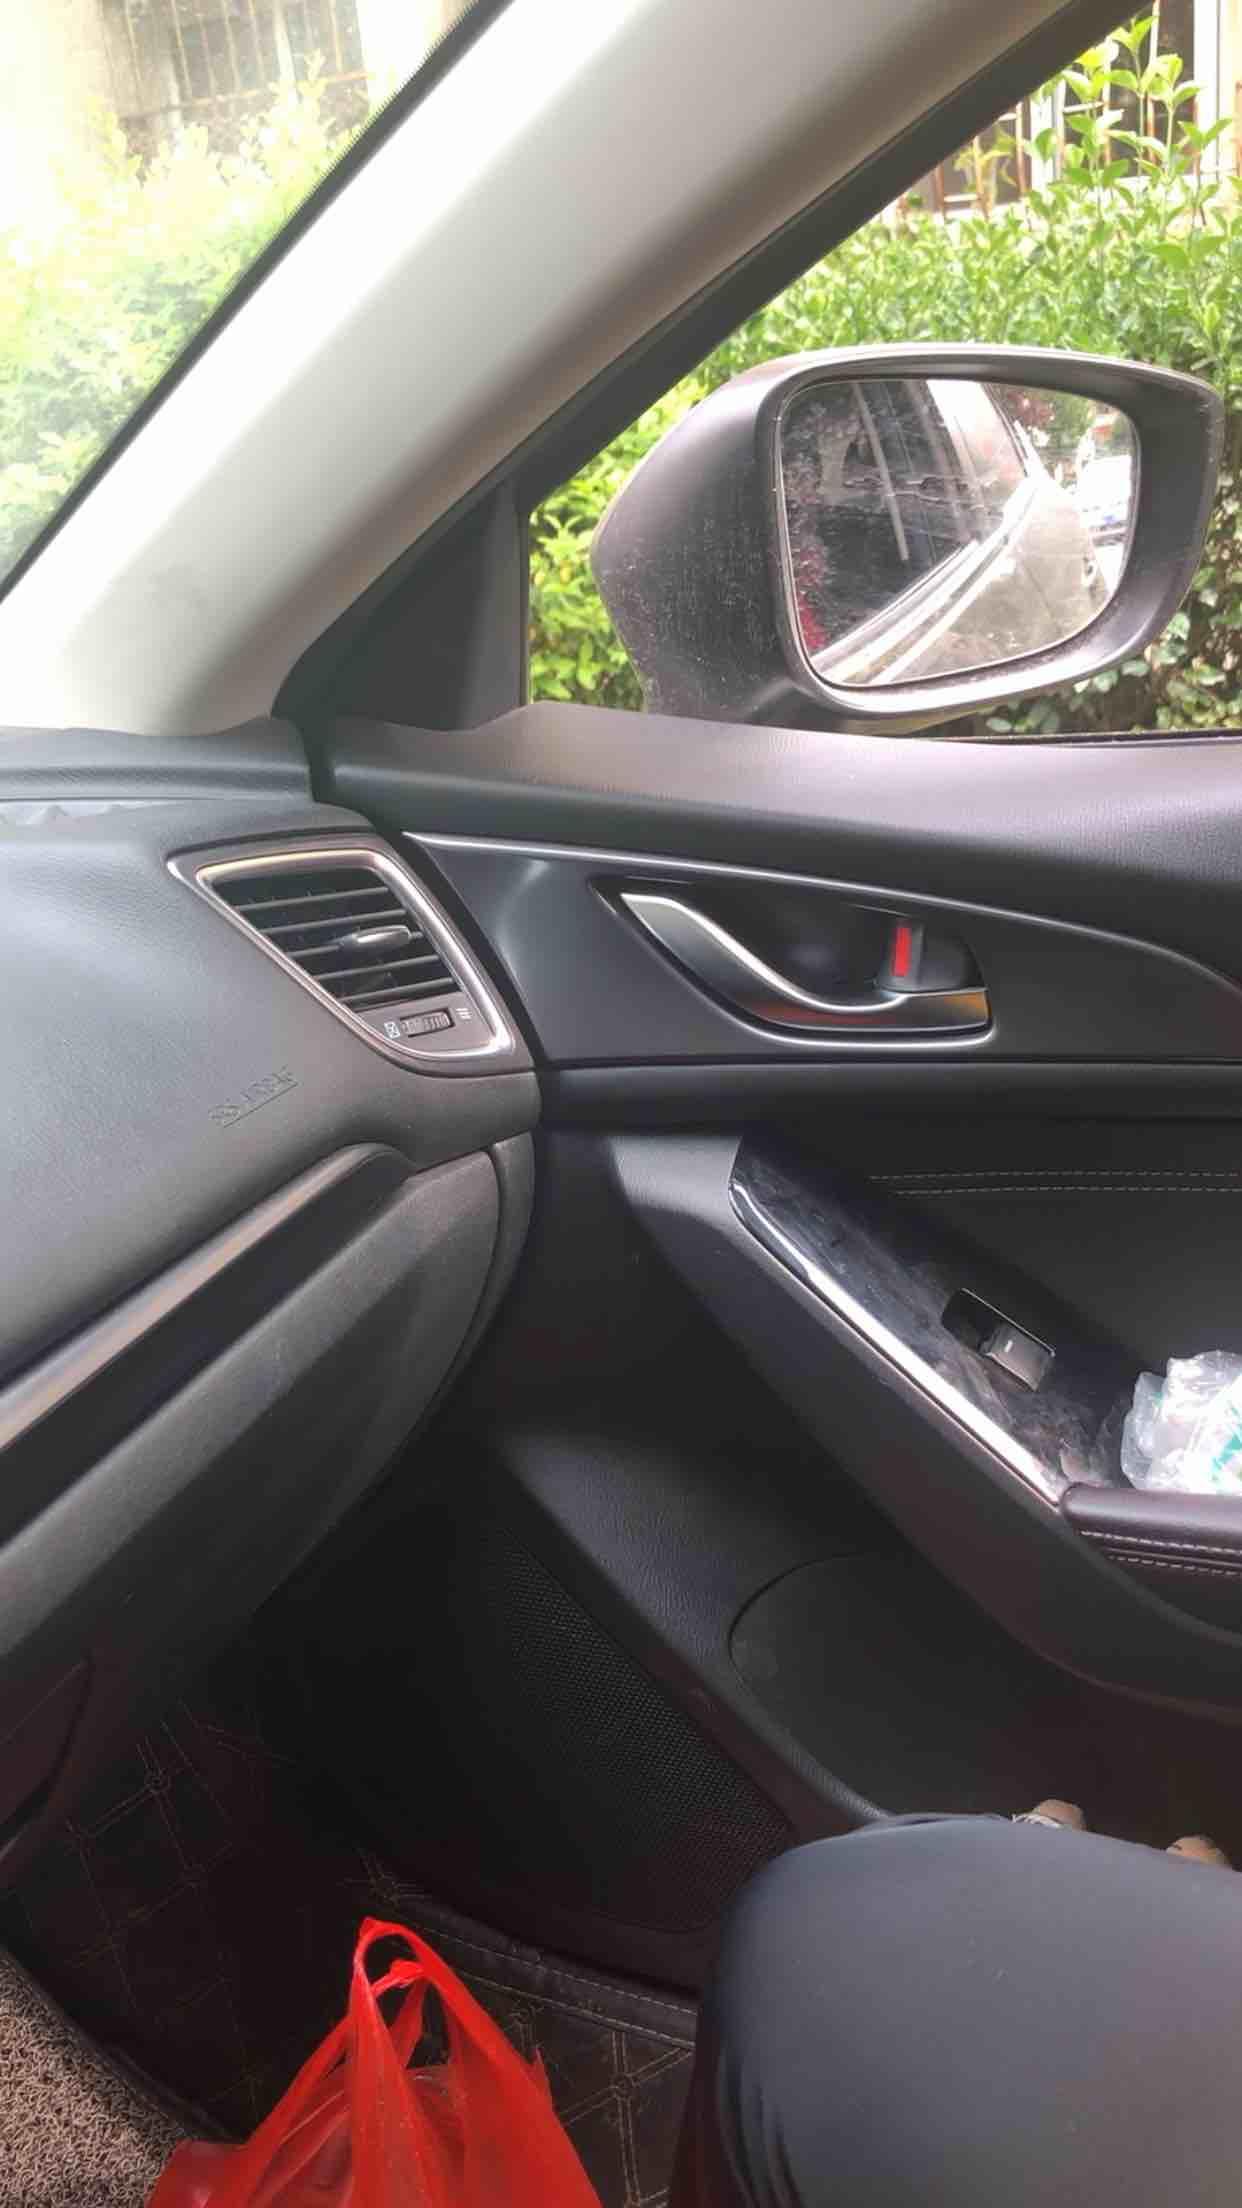 长安马自达车右后视镜折叠不顺